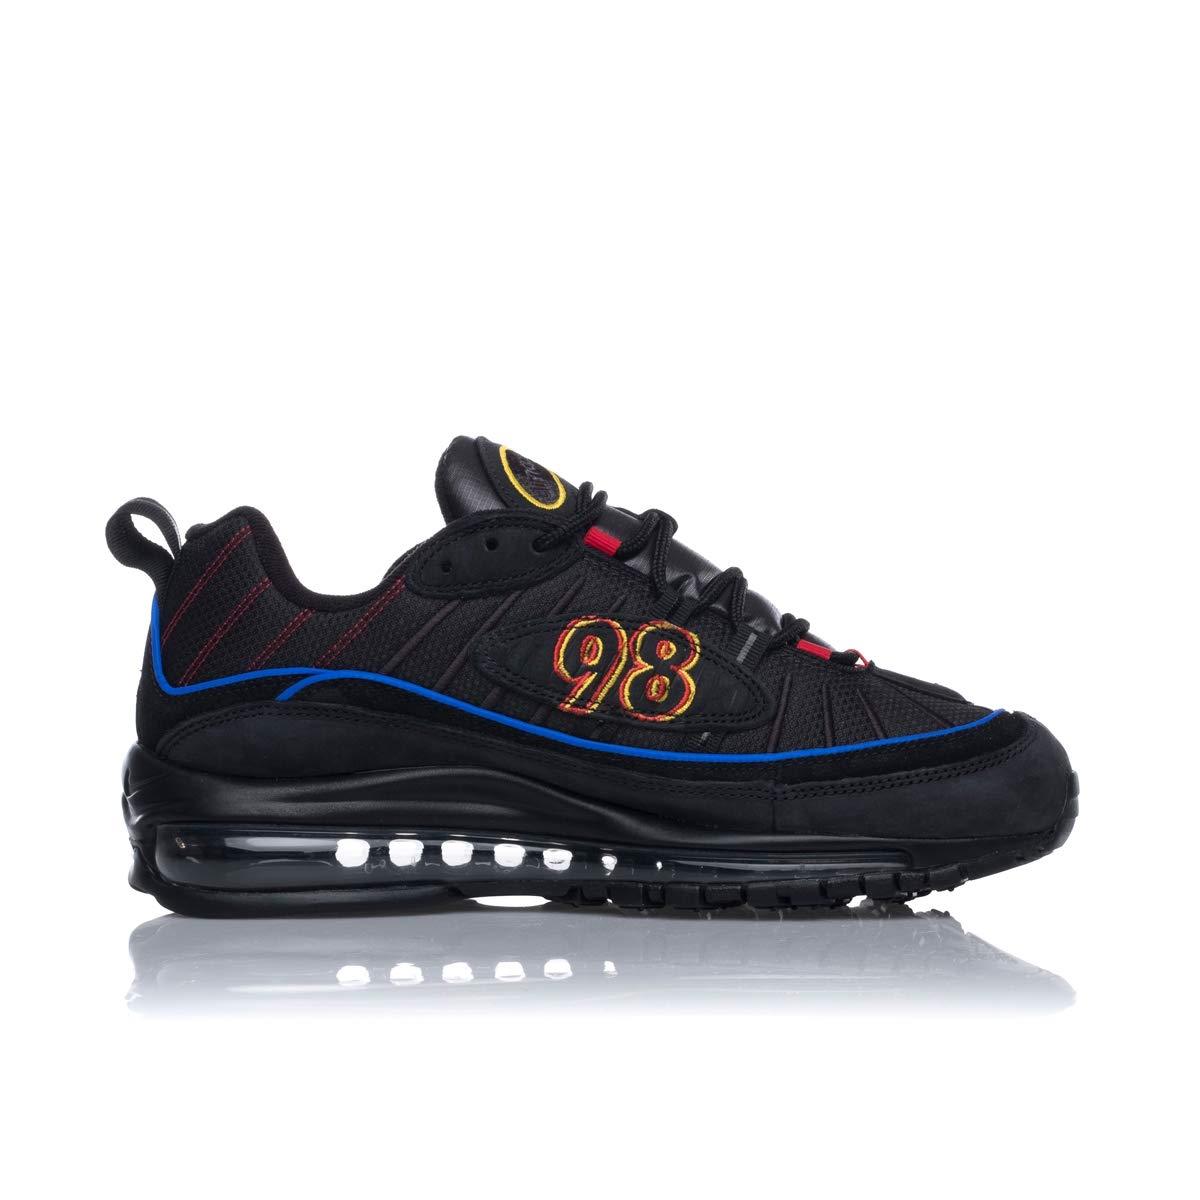 air max 98 hombre negras